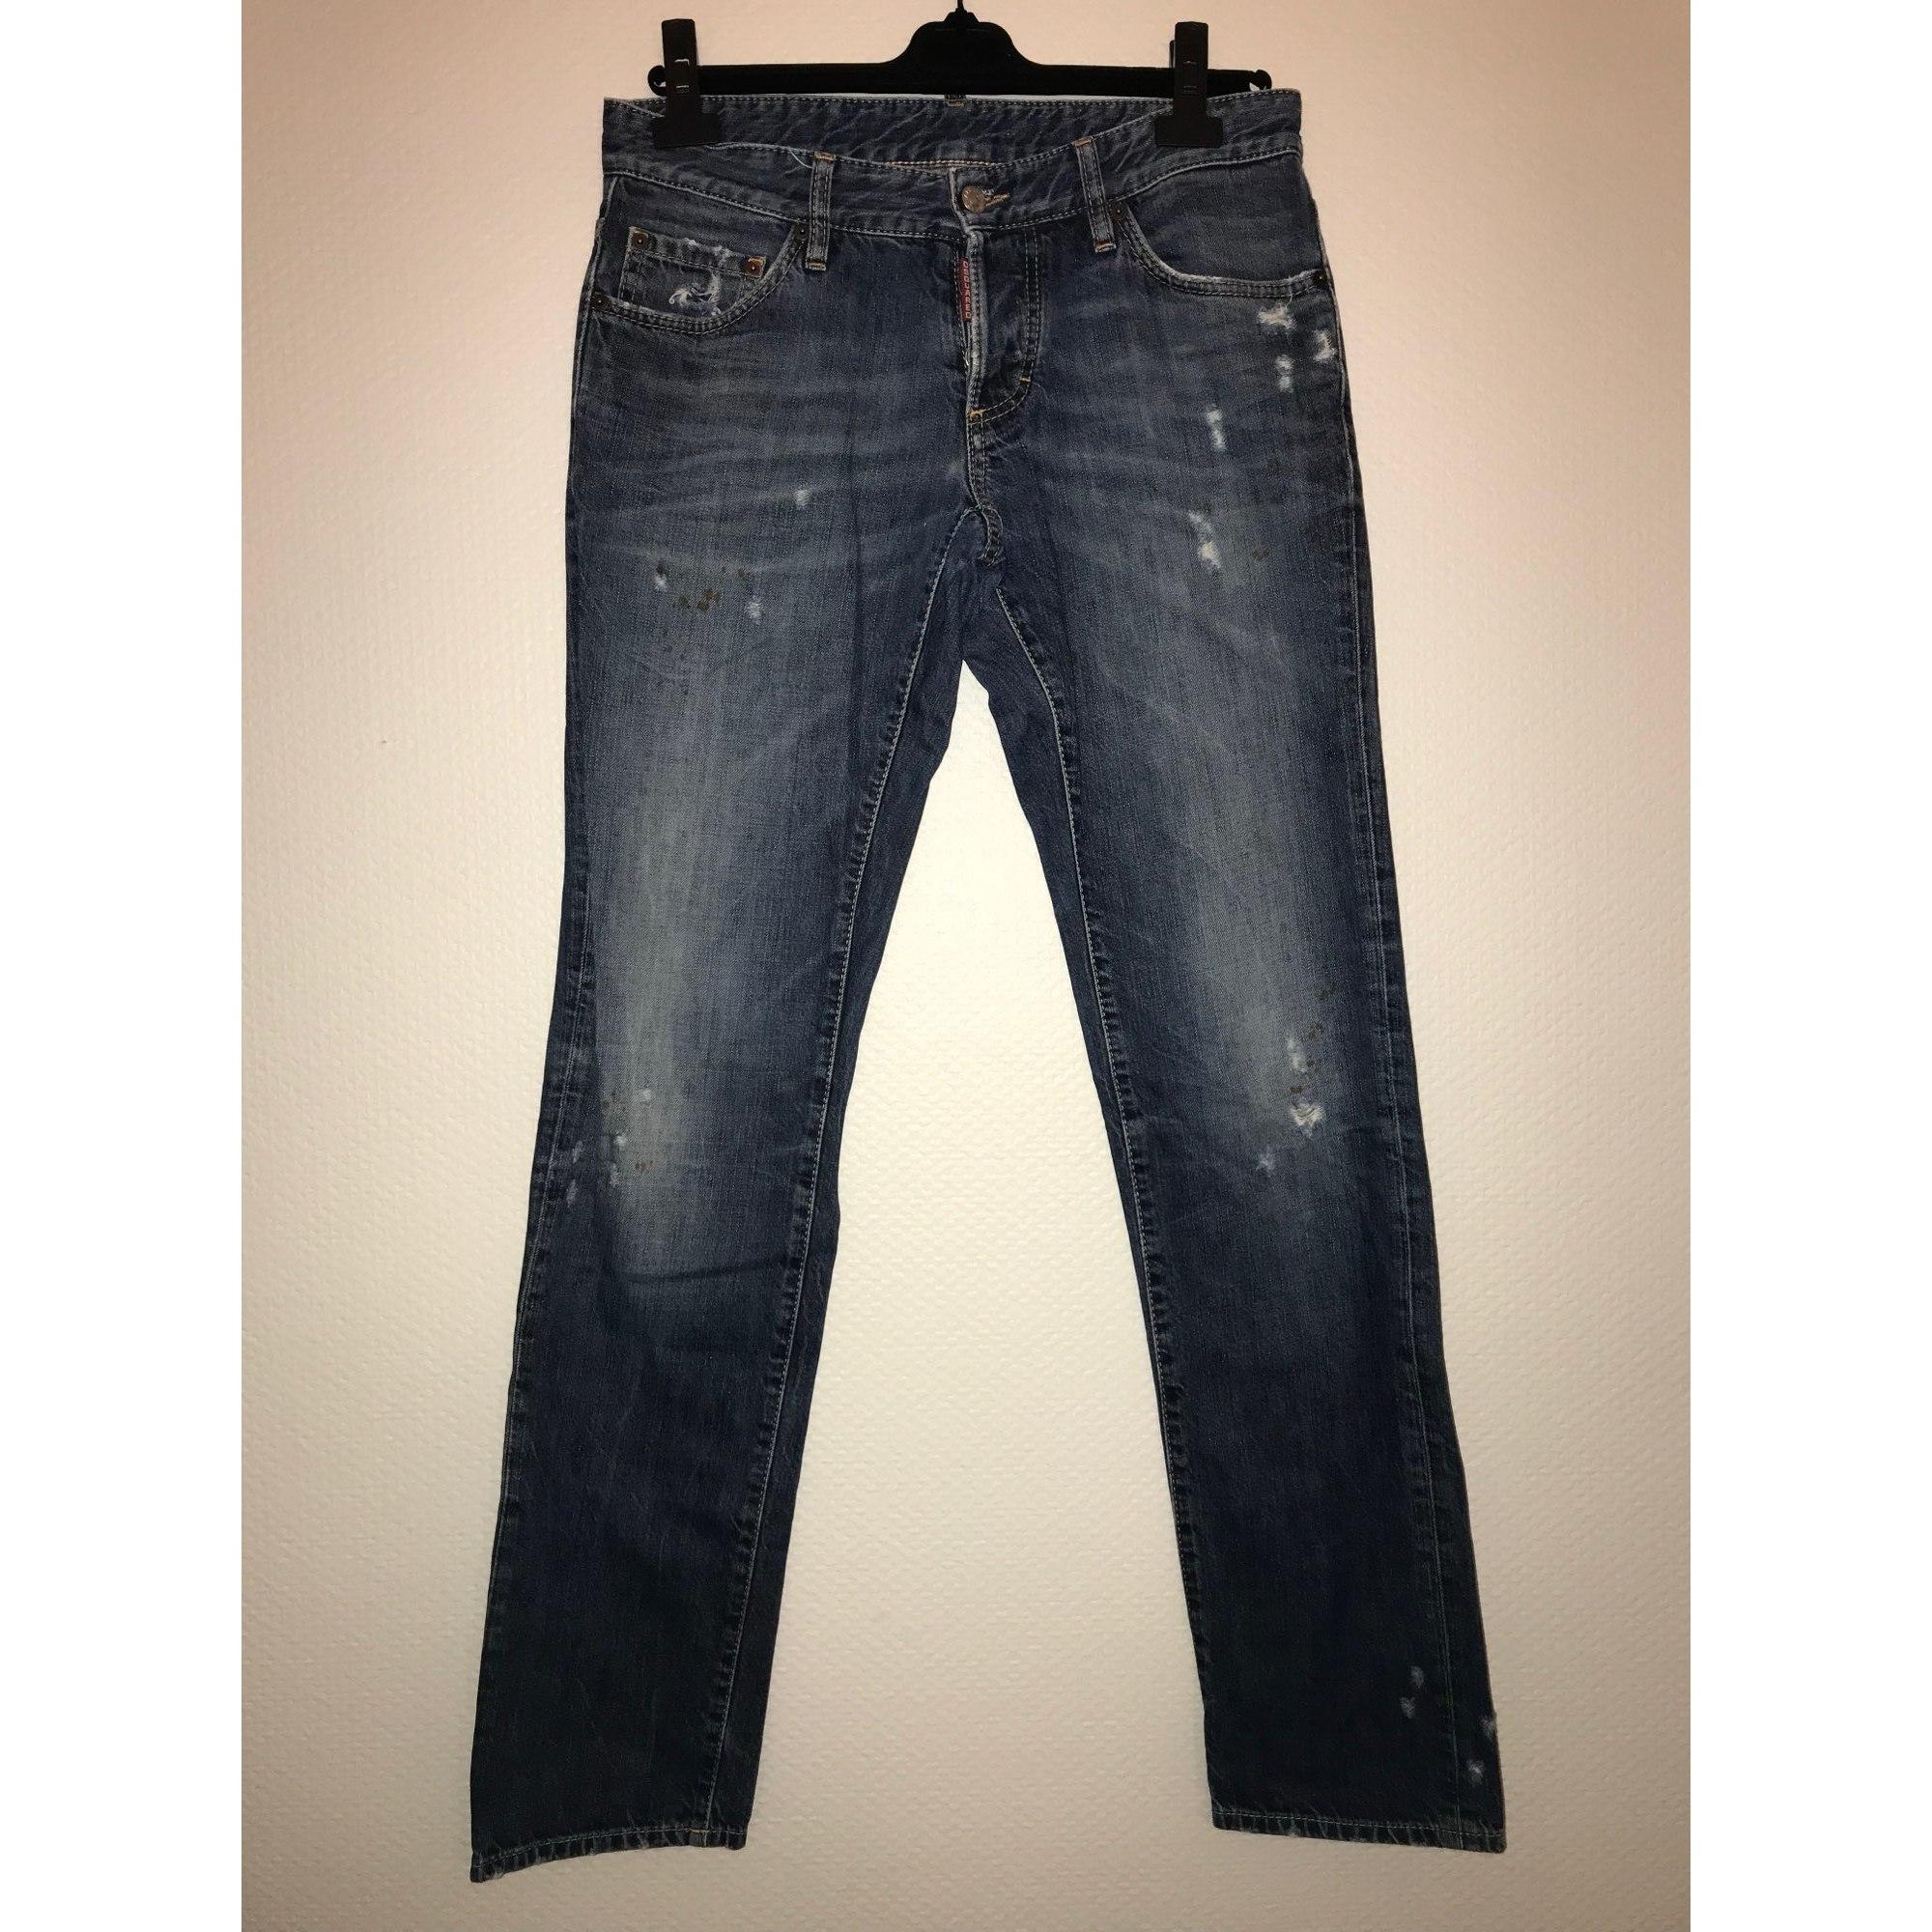 Jeans droit DSQUARED2 Bleu, bleu marine, bleu turquoise